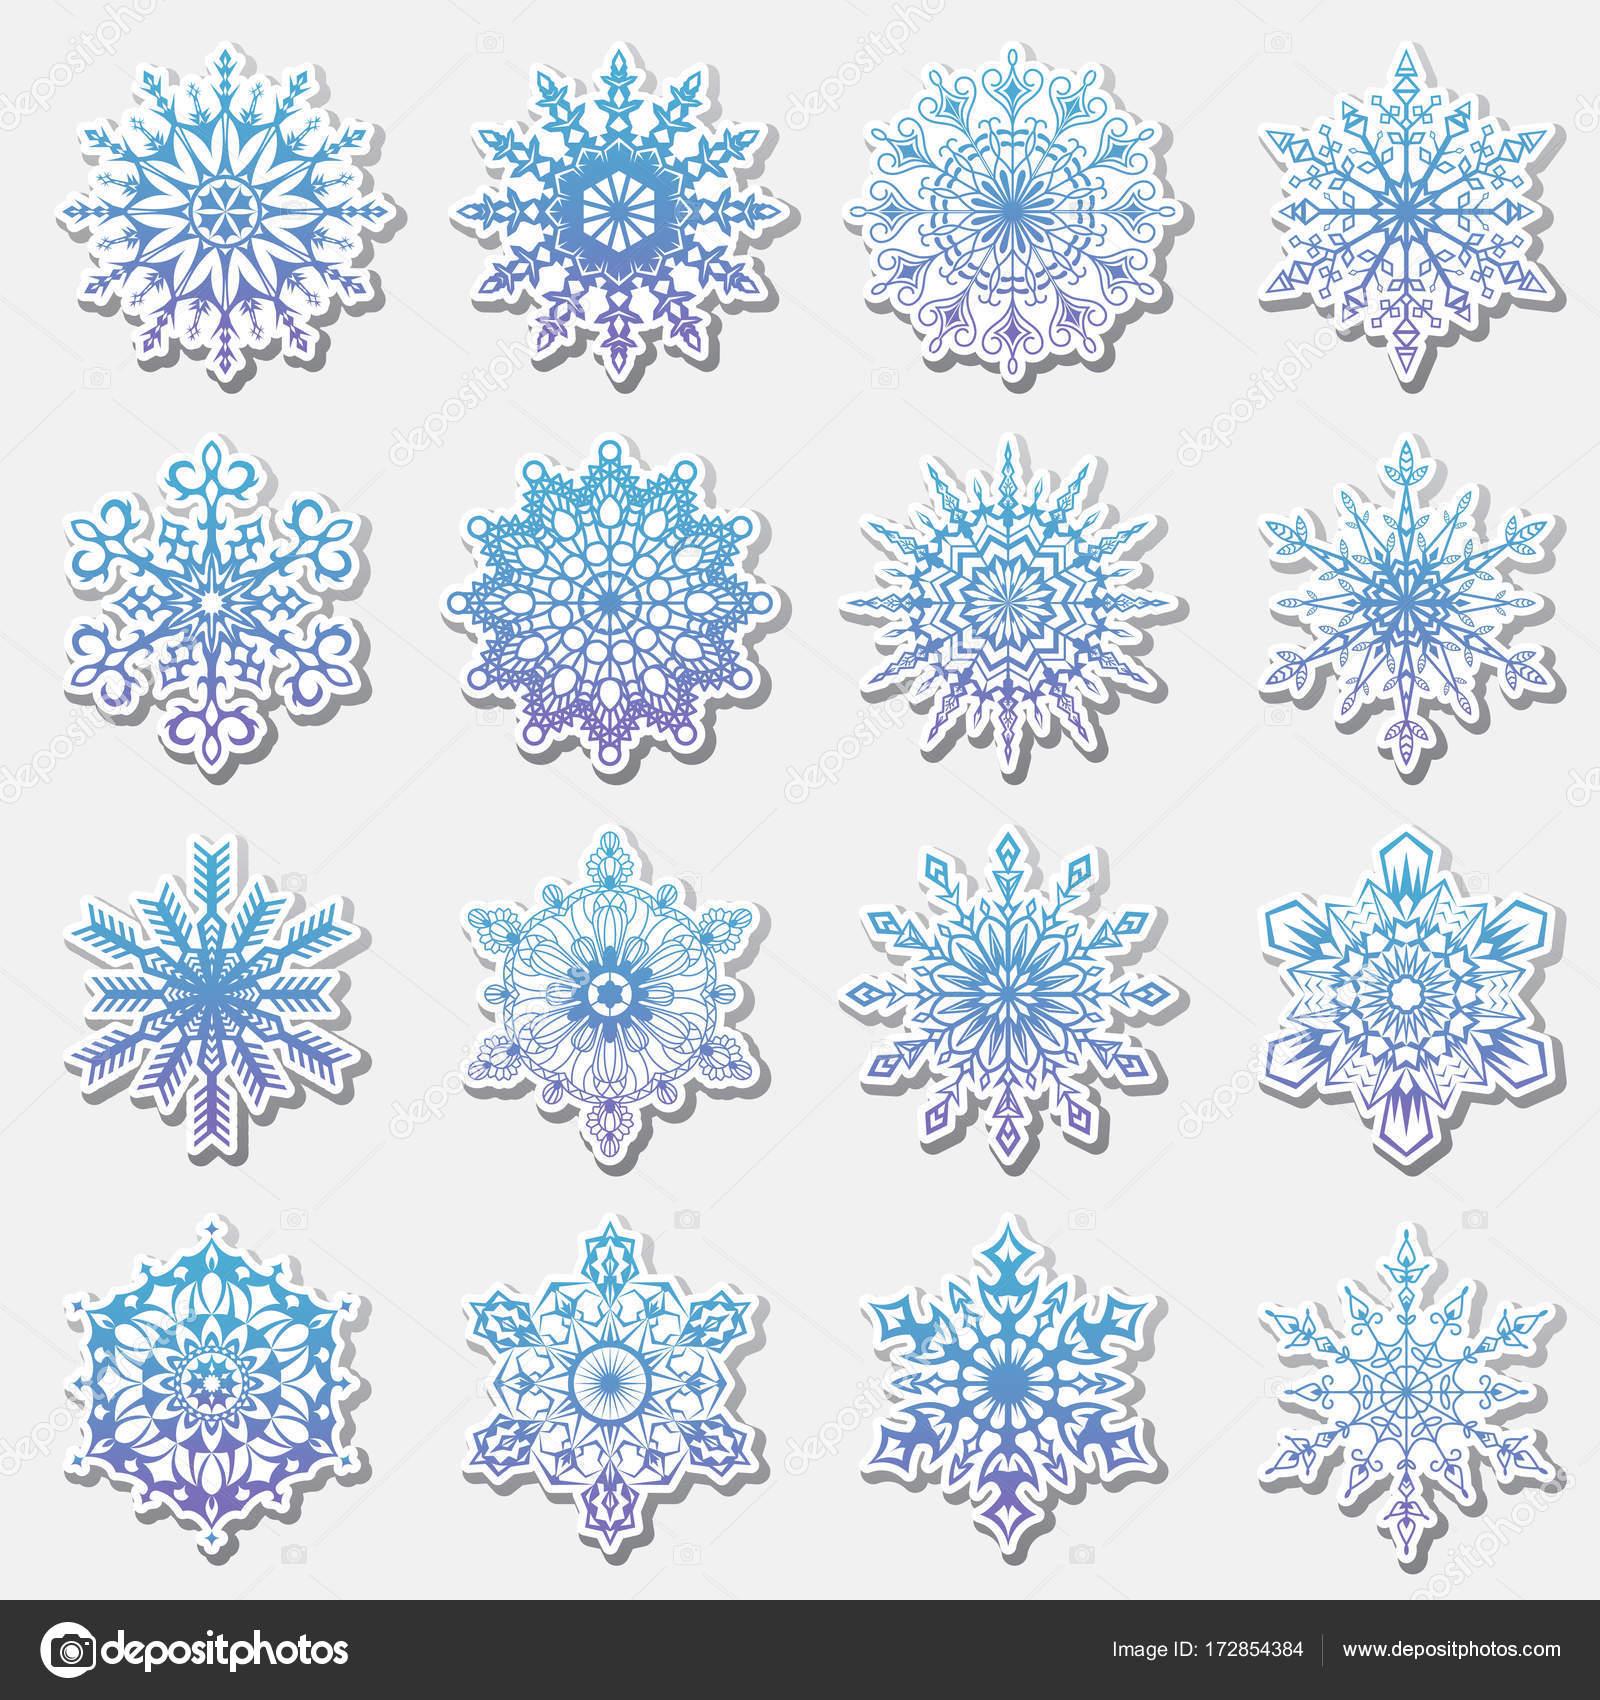 雪のいたずら書きの別個のアイコン ベクトル素朴なクリスマス クリップ